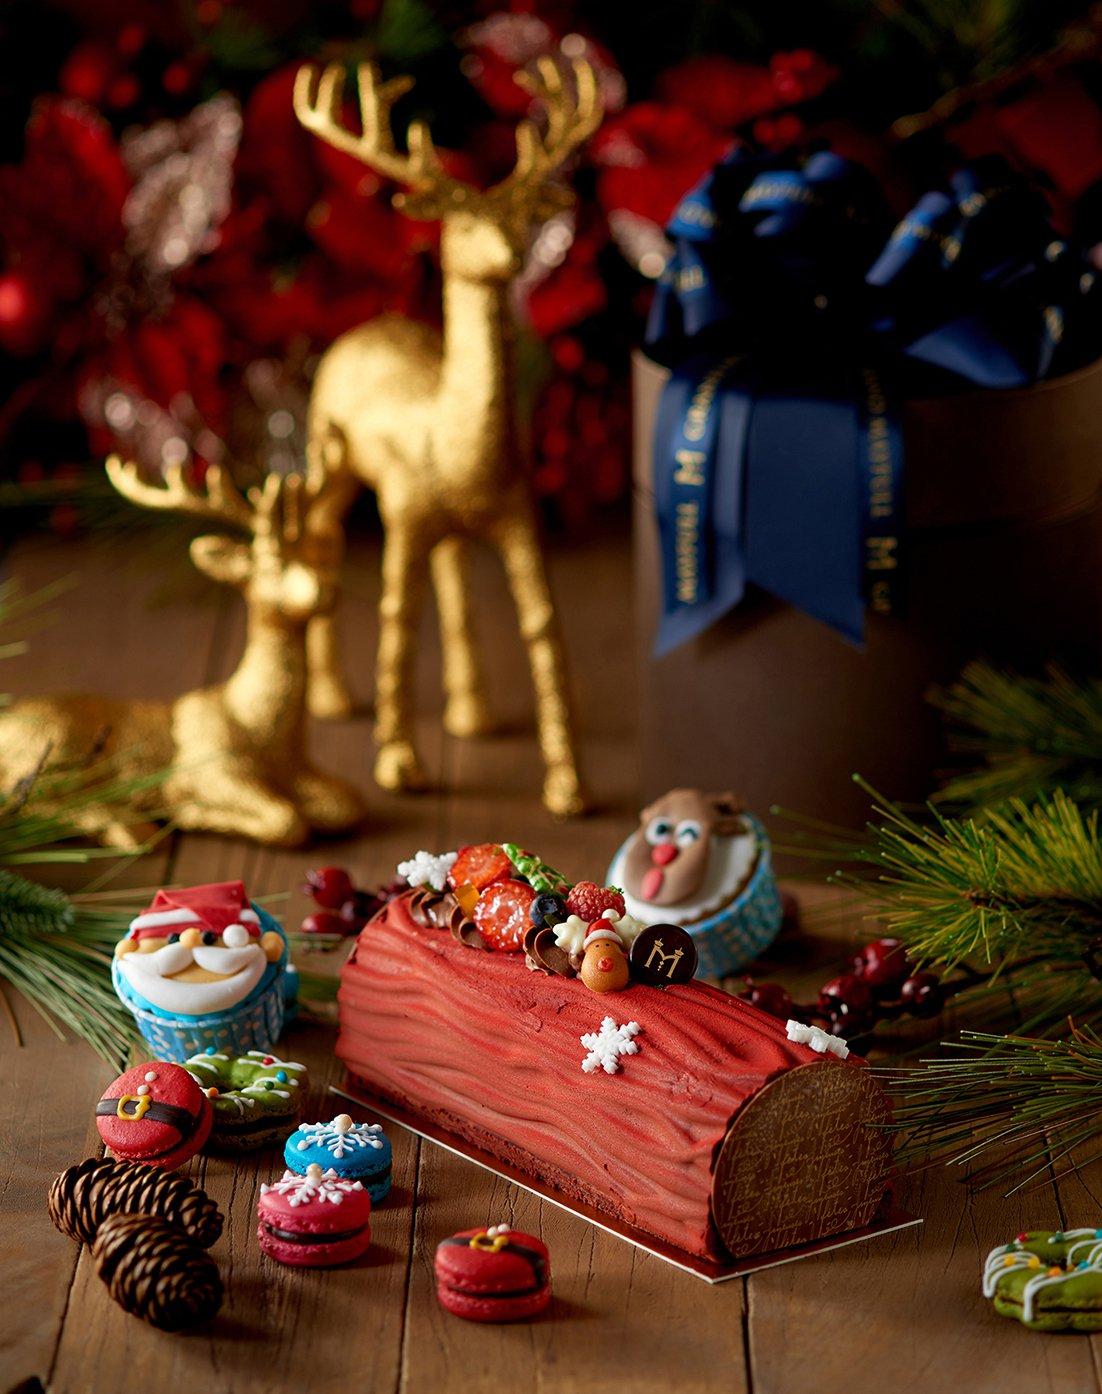 台北美福大飯店則選用巧克力沙布蕾搭配牛奶甘娜許及檸檬奶餡製成樹幹蛋糕。圖/台北美...